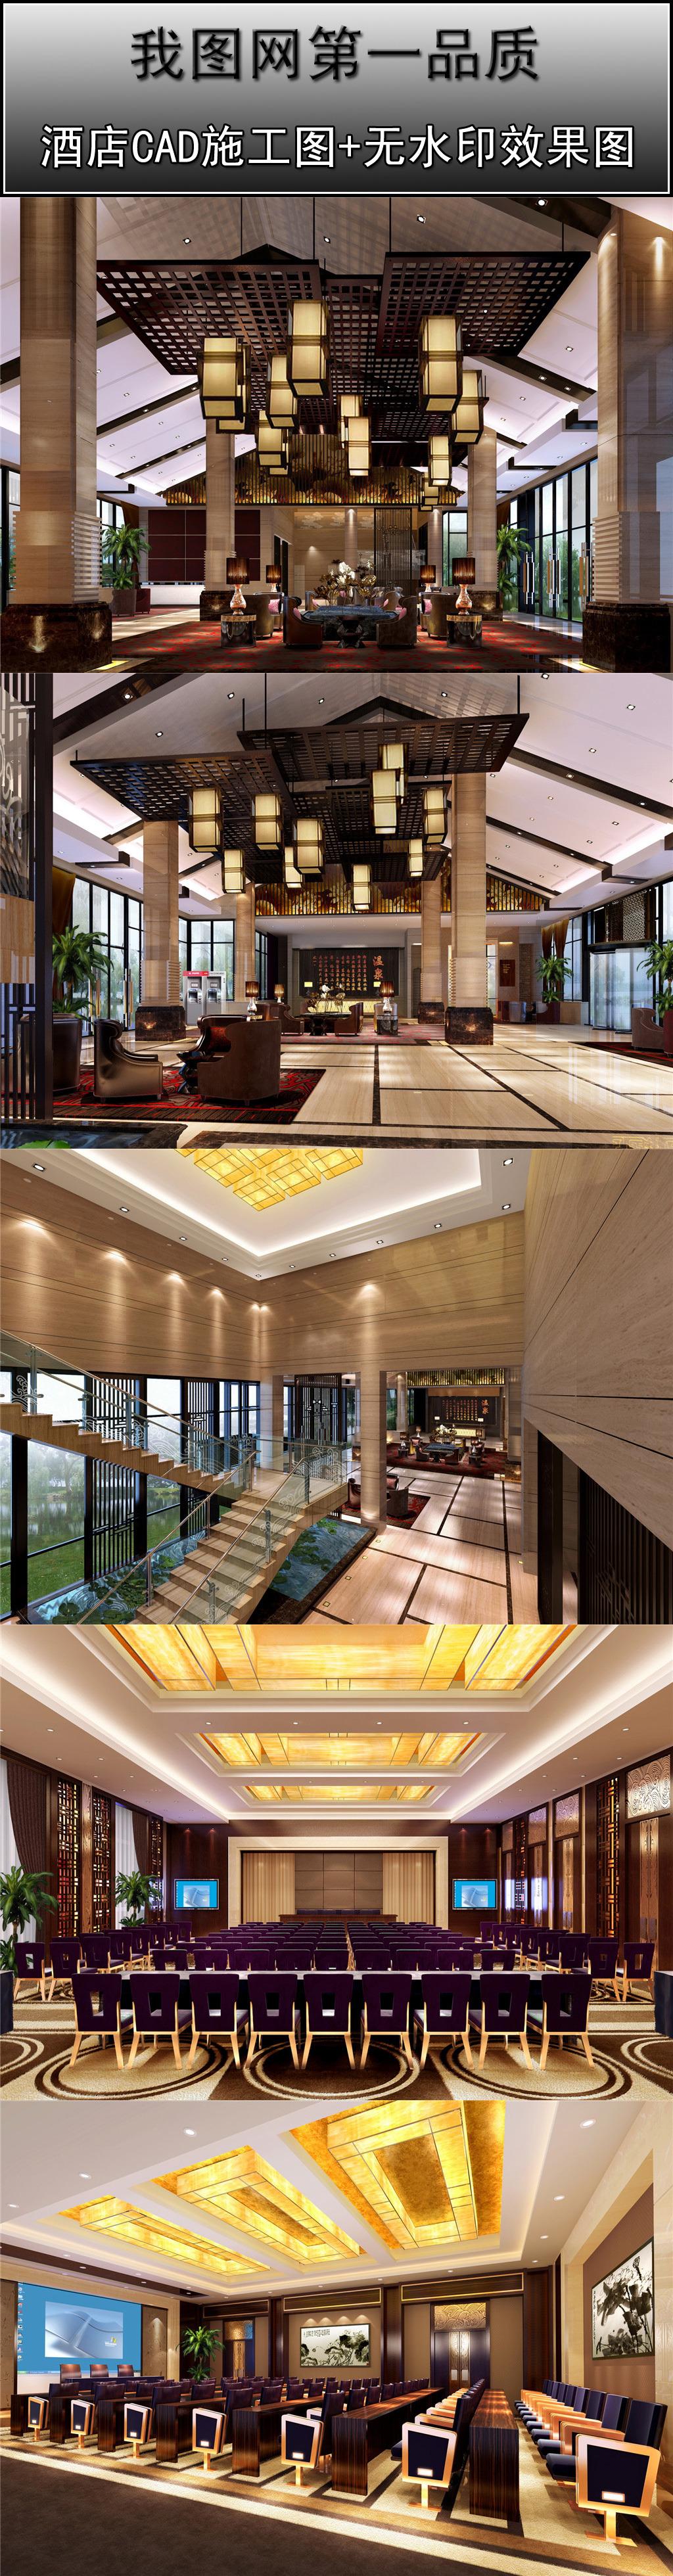 室内设计cad图纸模板下载 家庭装修cad图 图库 办公 商场 平面图